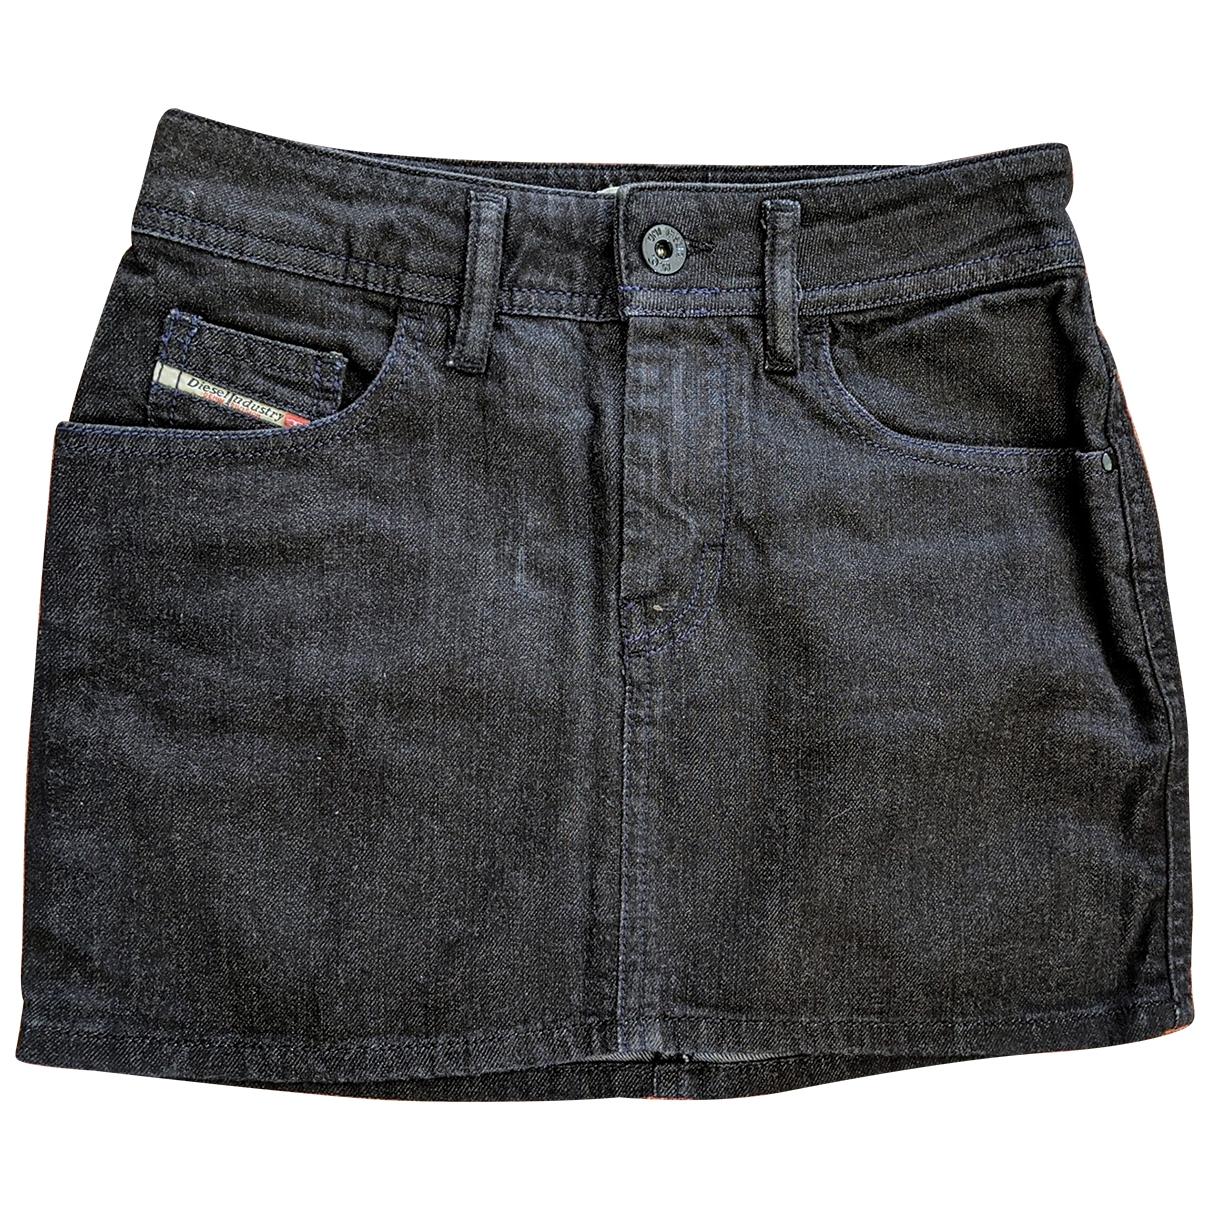 Diesel \N Black Denim - Jeans skirt for Women XS International